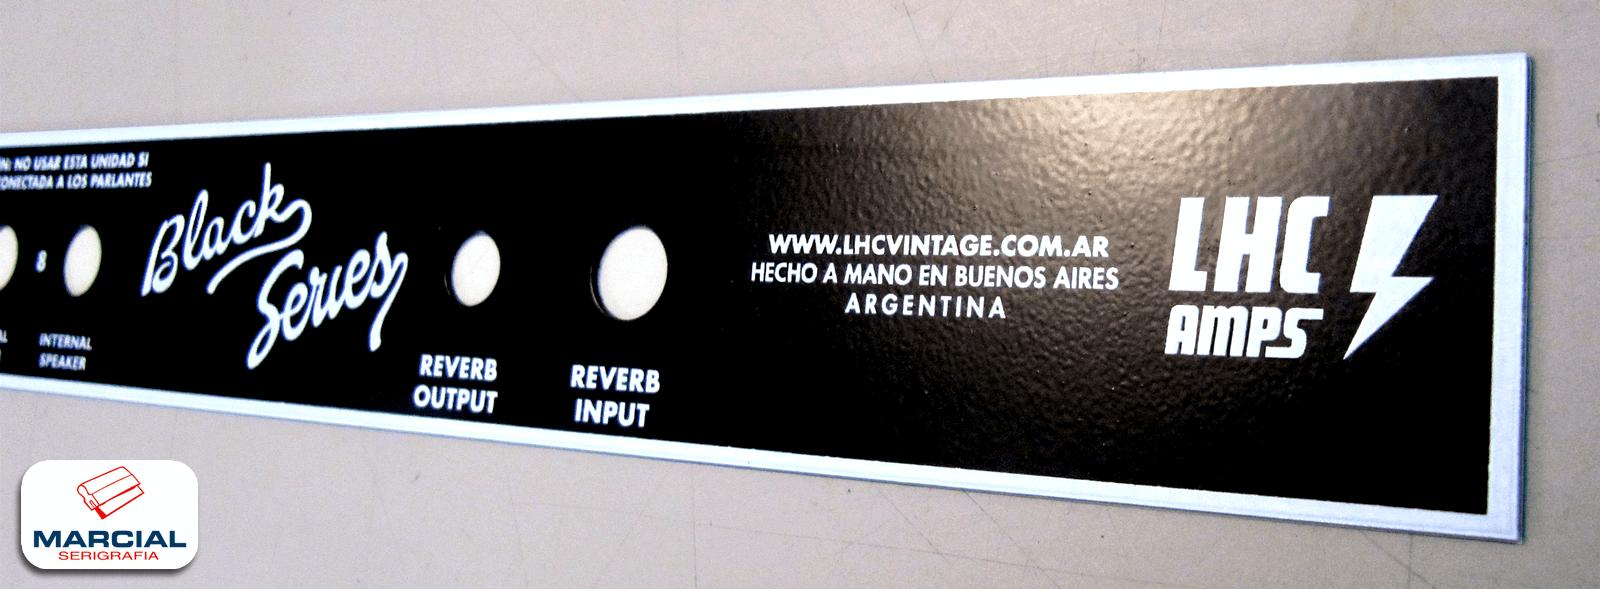 Impresión serigráfica a 1 color sobre chapa esmaltada para la fábrica de amplis LHC Amps. Impreso por Marcial Serigrafía.